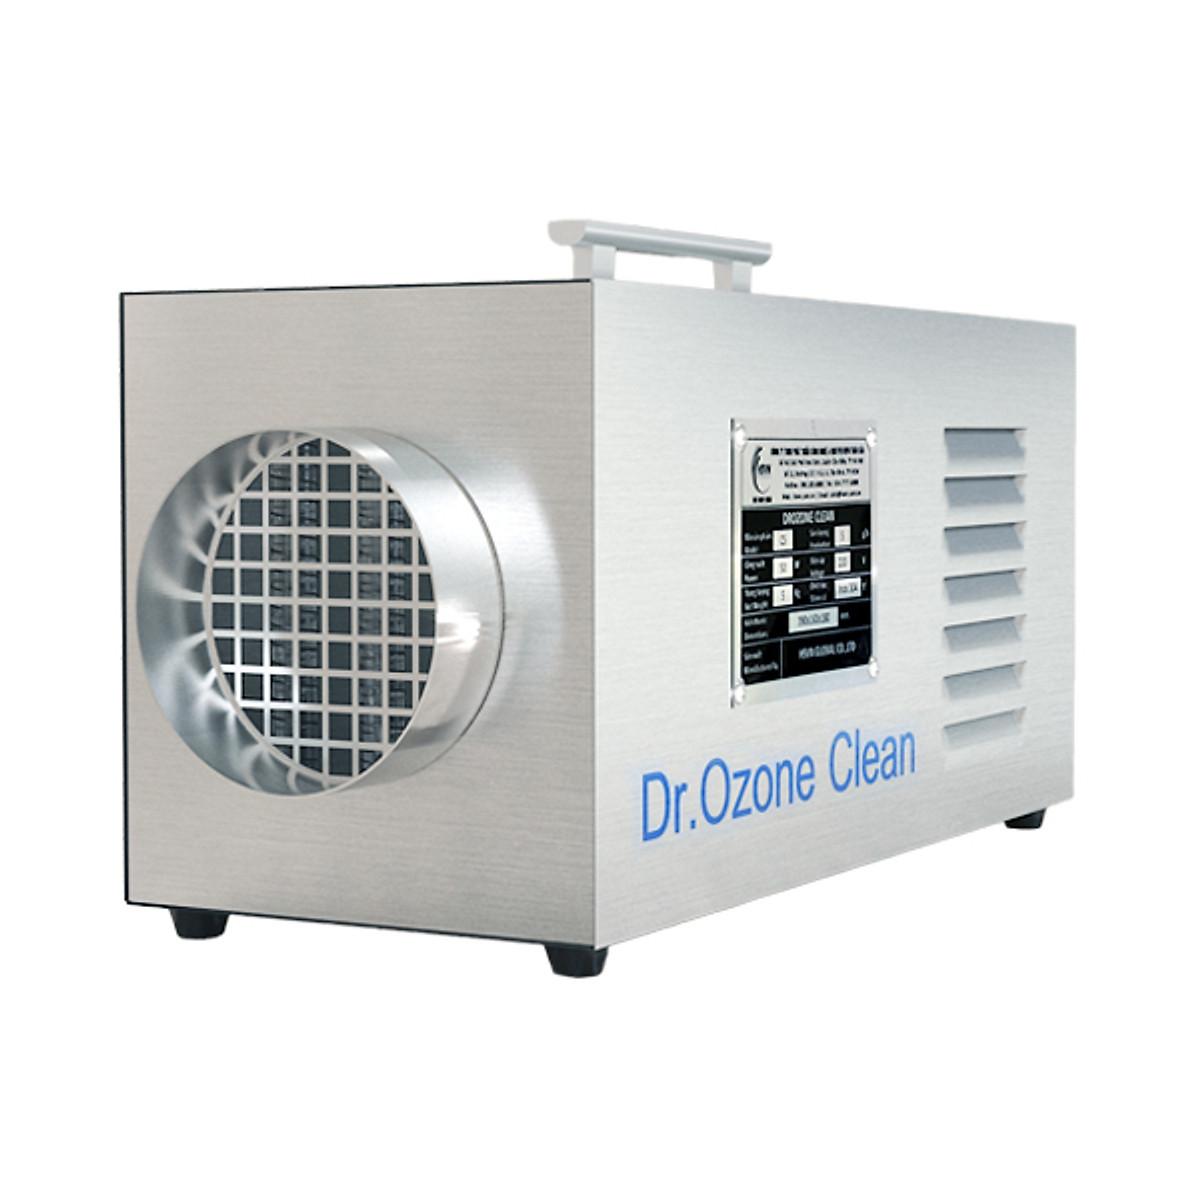 Máy Ozone khử trùng không khí, khử mùi DrOzone Clean C2 - Hàng Chính Hãng